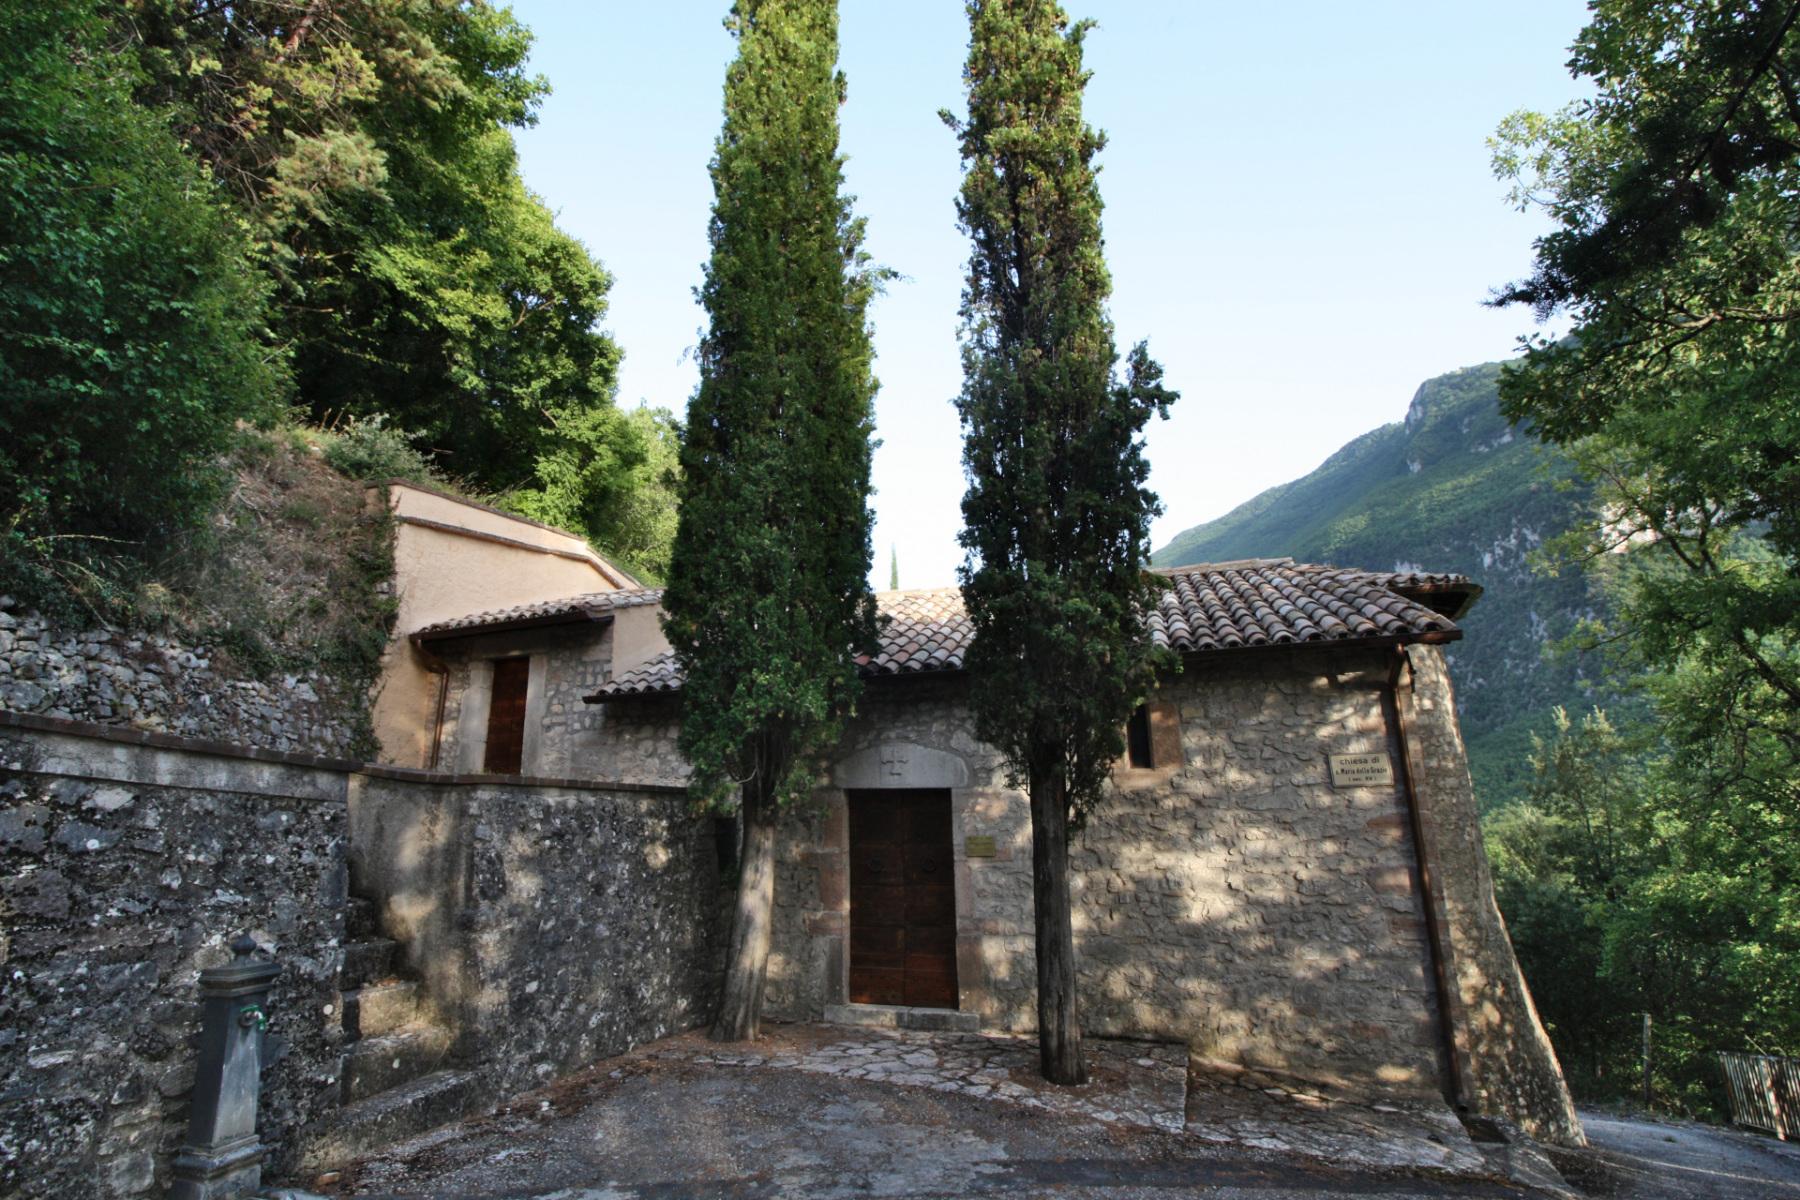 Chiesa di Santa Maria delle Grazie - esterno - Caso